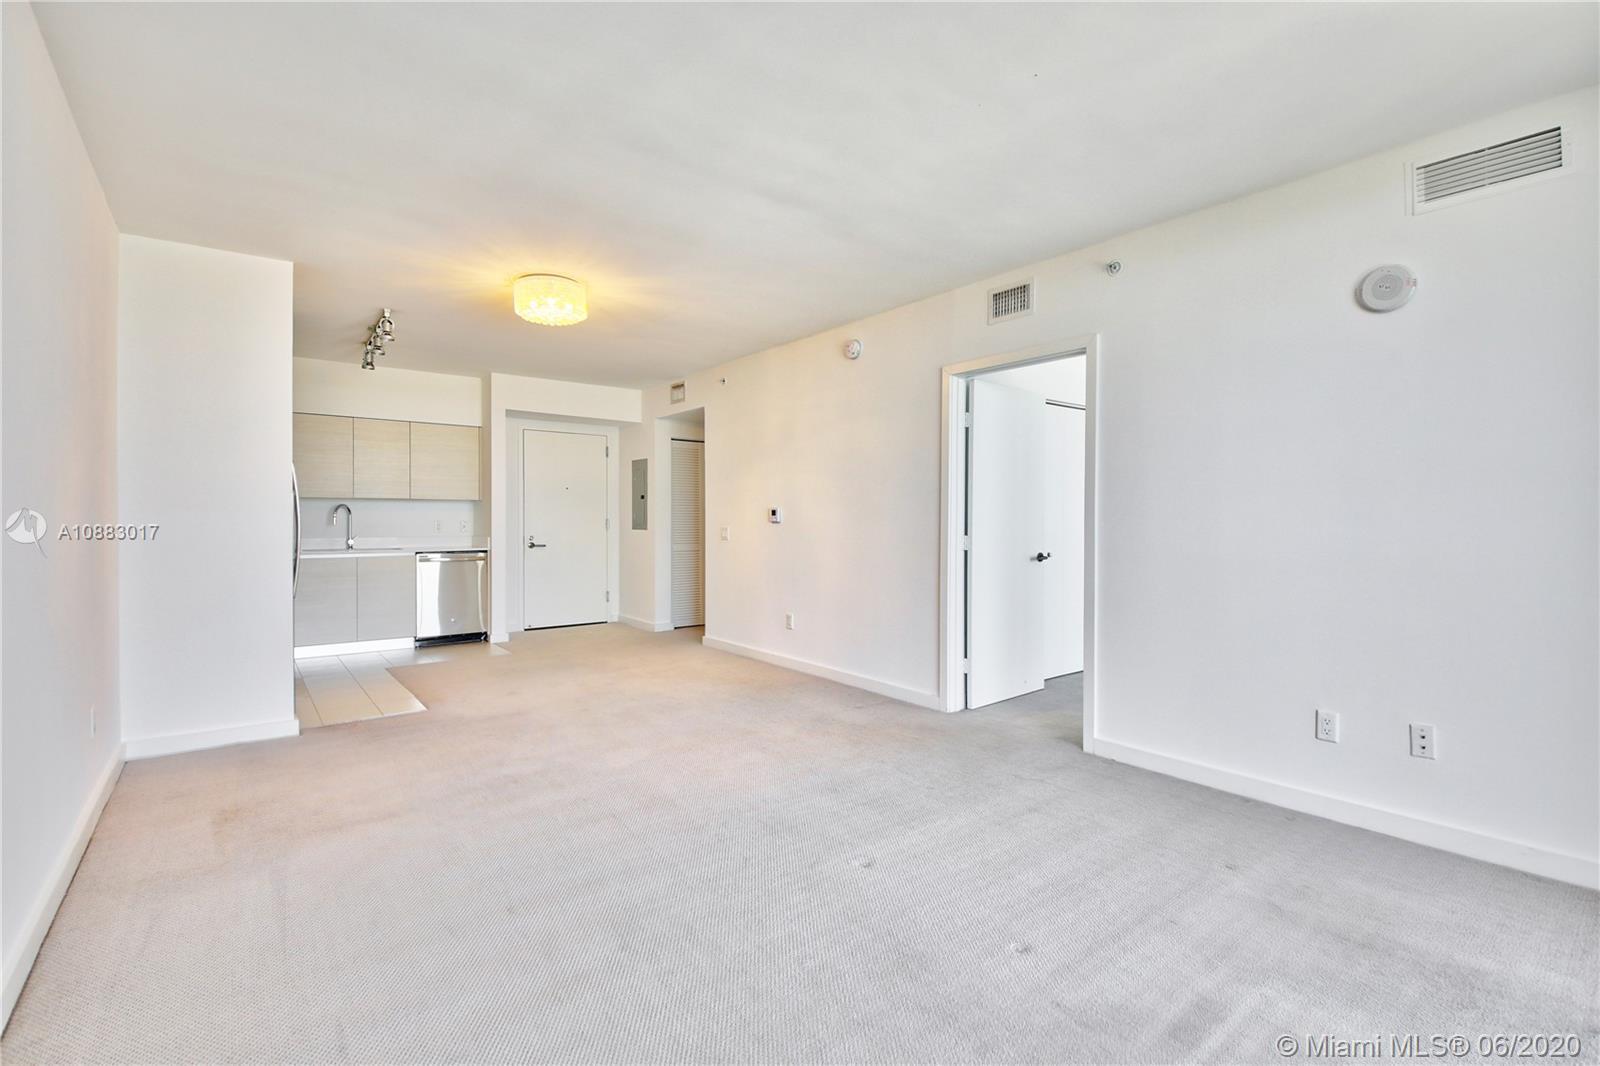 Baltus House #1004 - 4250 BISCAYNE BLVD #1004, Miami, FL 33137